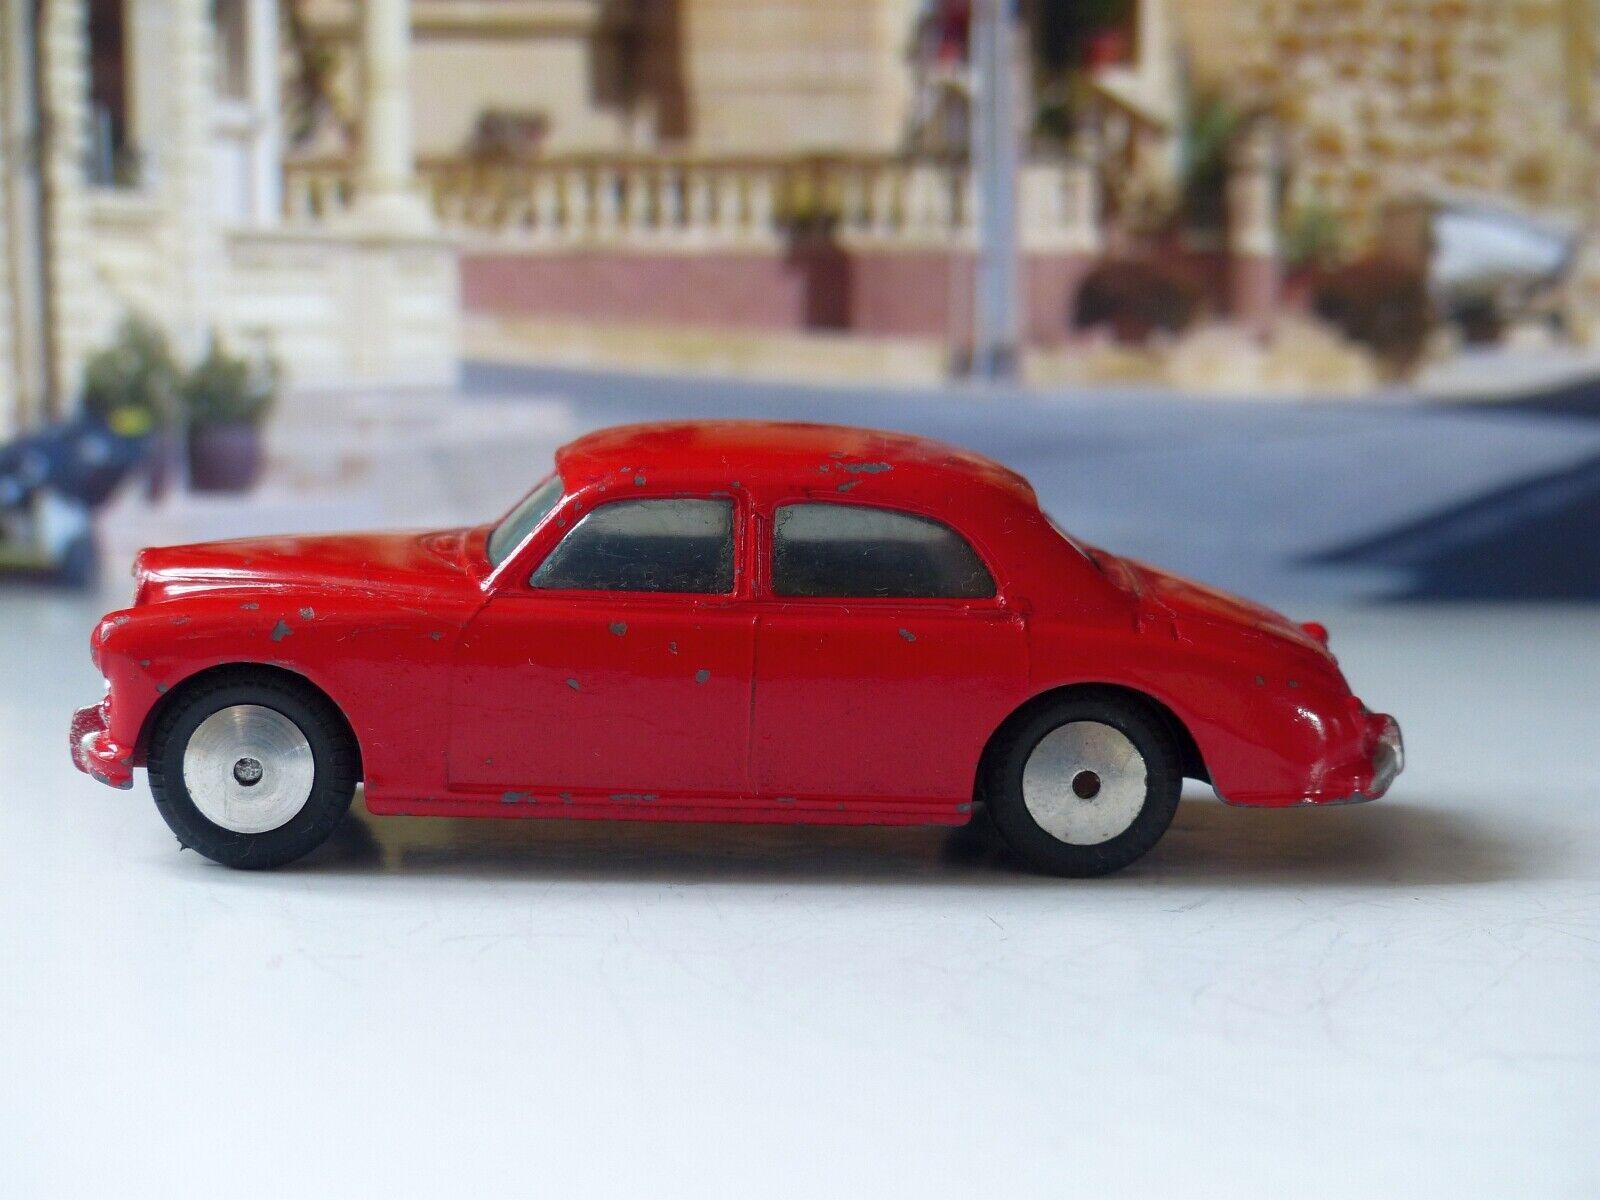 sconto di vendita CORGI giocattoli 205M RILEY PATHFINDER PATHFINDER PATHFINDER ROSSO (2)  marchio famoso